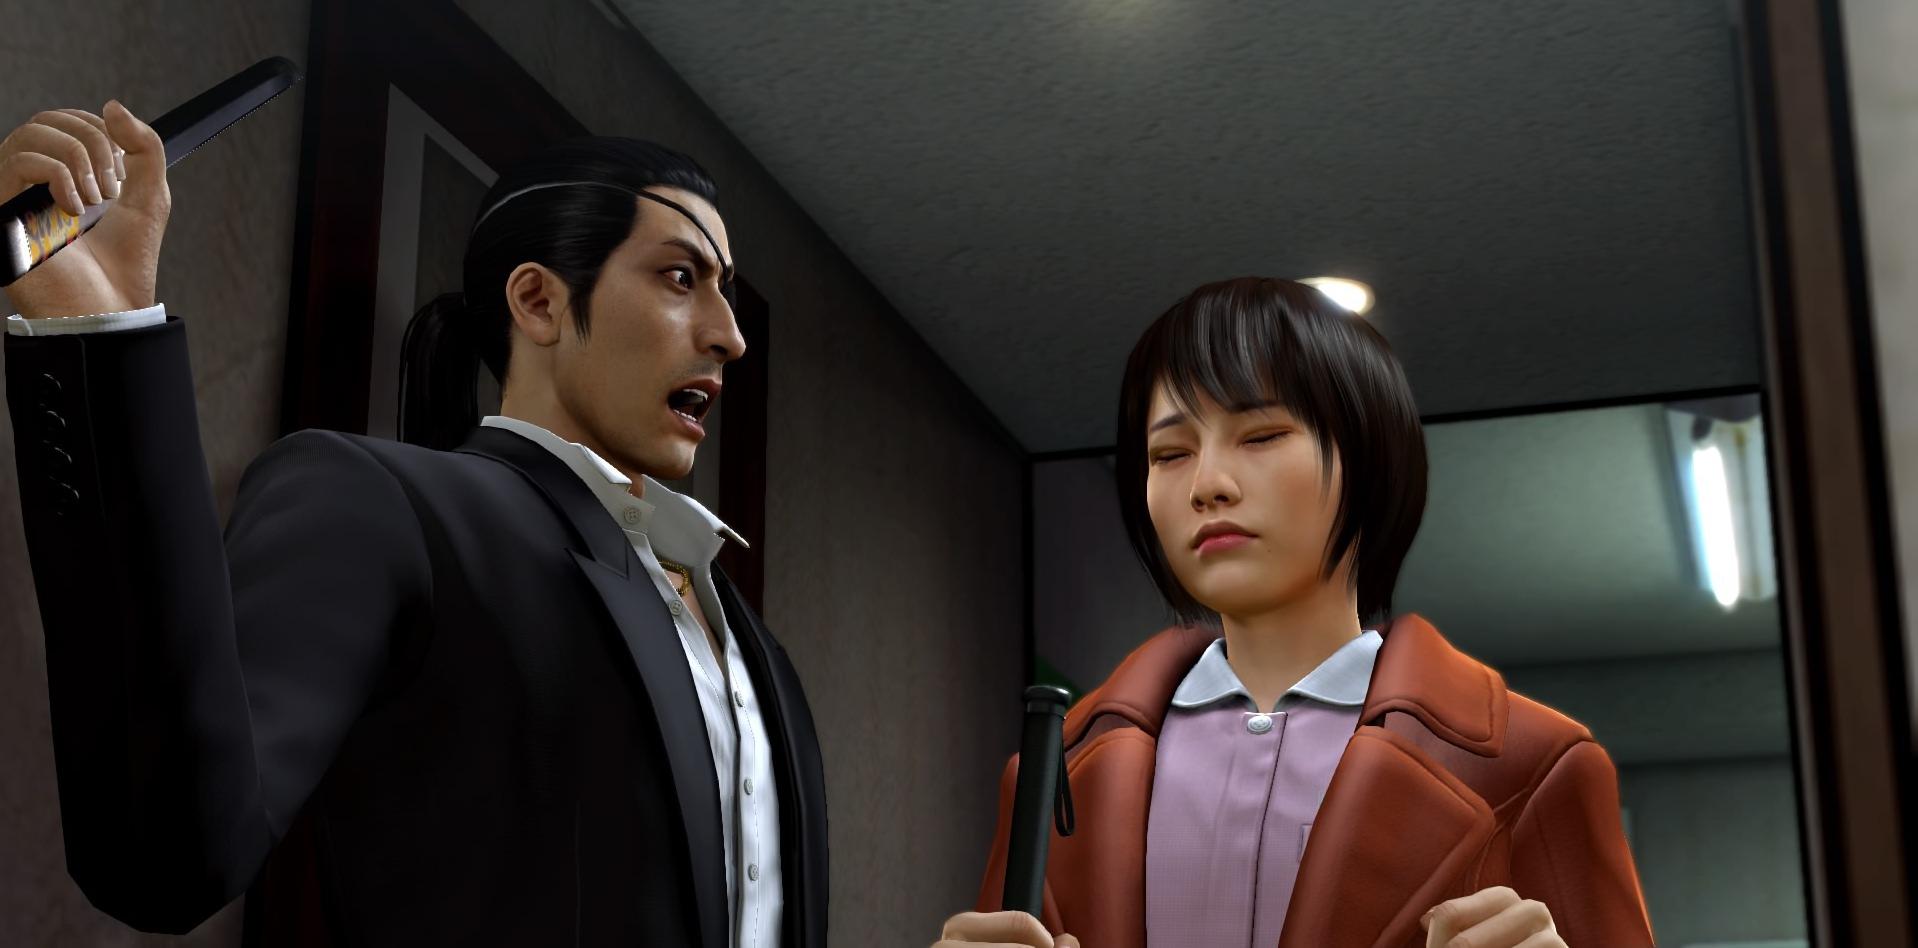 Goro Majima master assassin of Yakuza 0